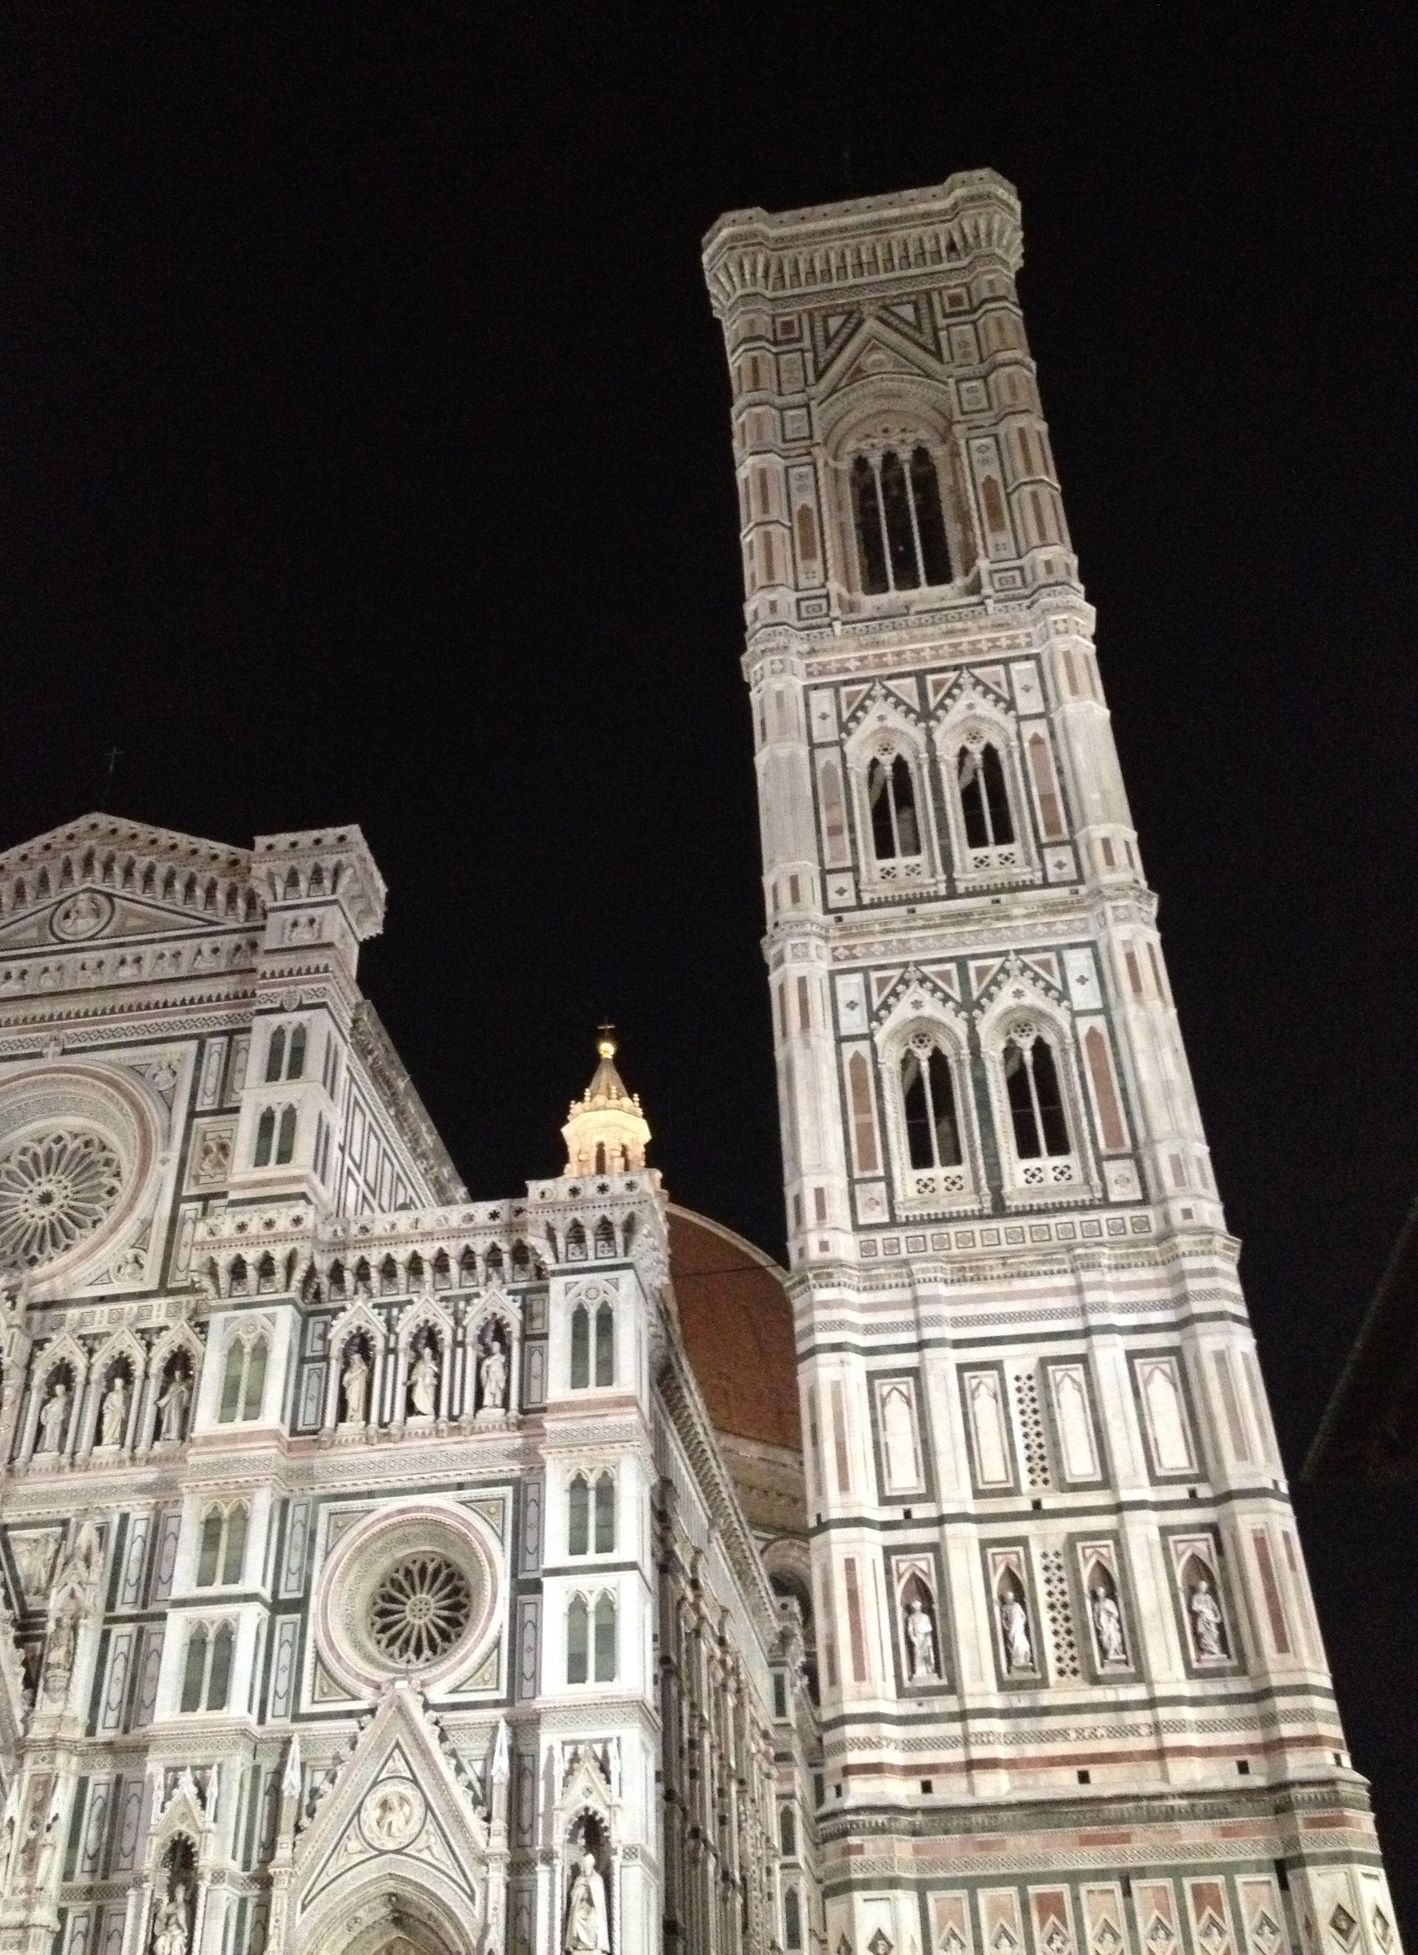 Basilica di Santa Maria del Fiore, a.k.a The Duomo